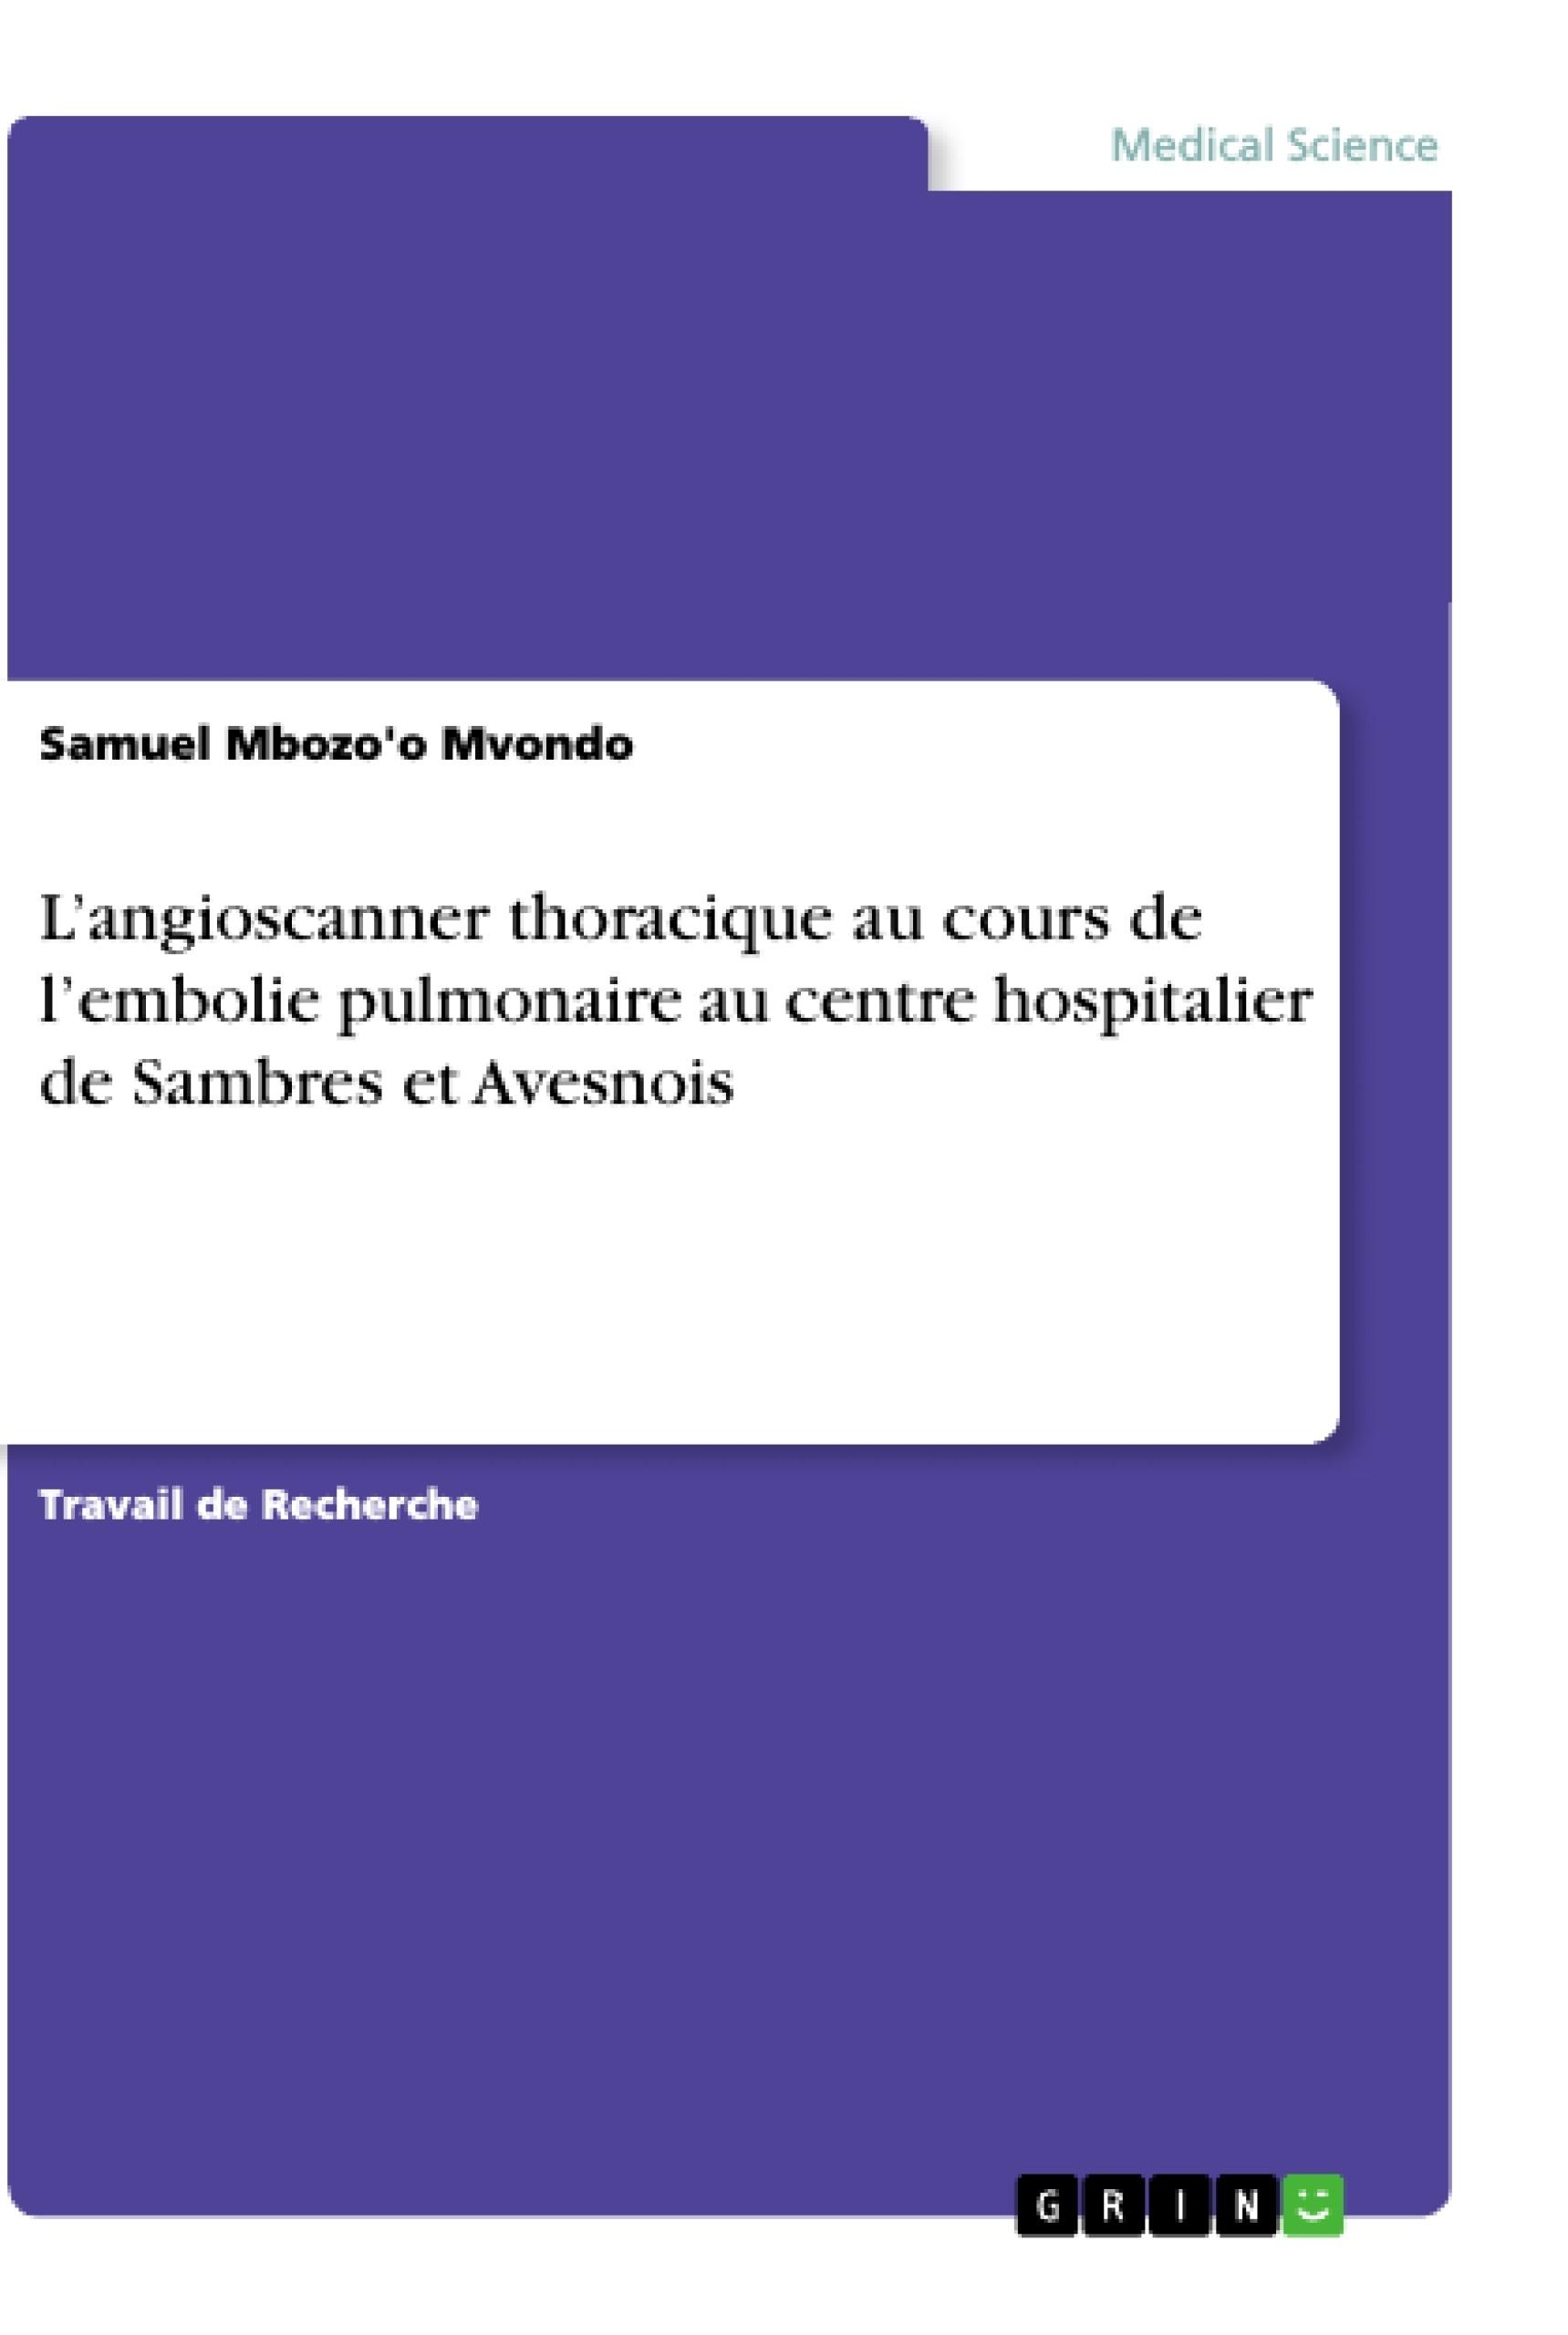 Titre: L'angioscanner thoracique au cours de l'embolie pulmonaire au centre hospitalier de Sambres et Avesnois